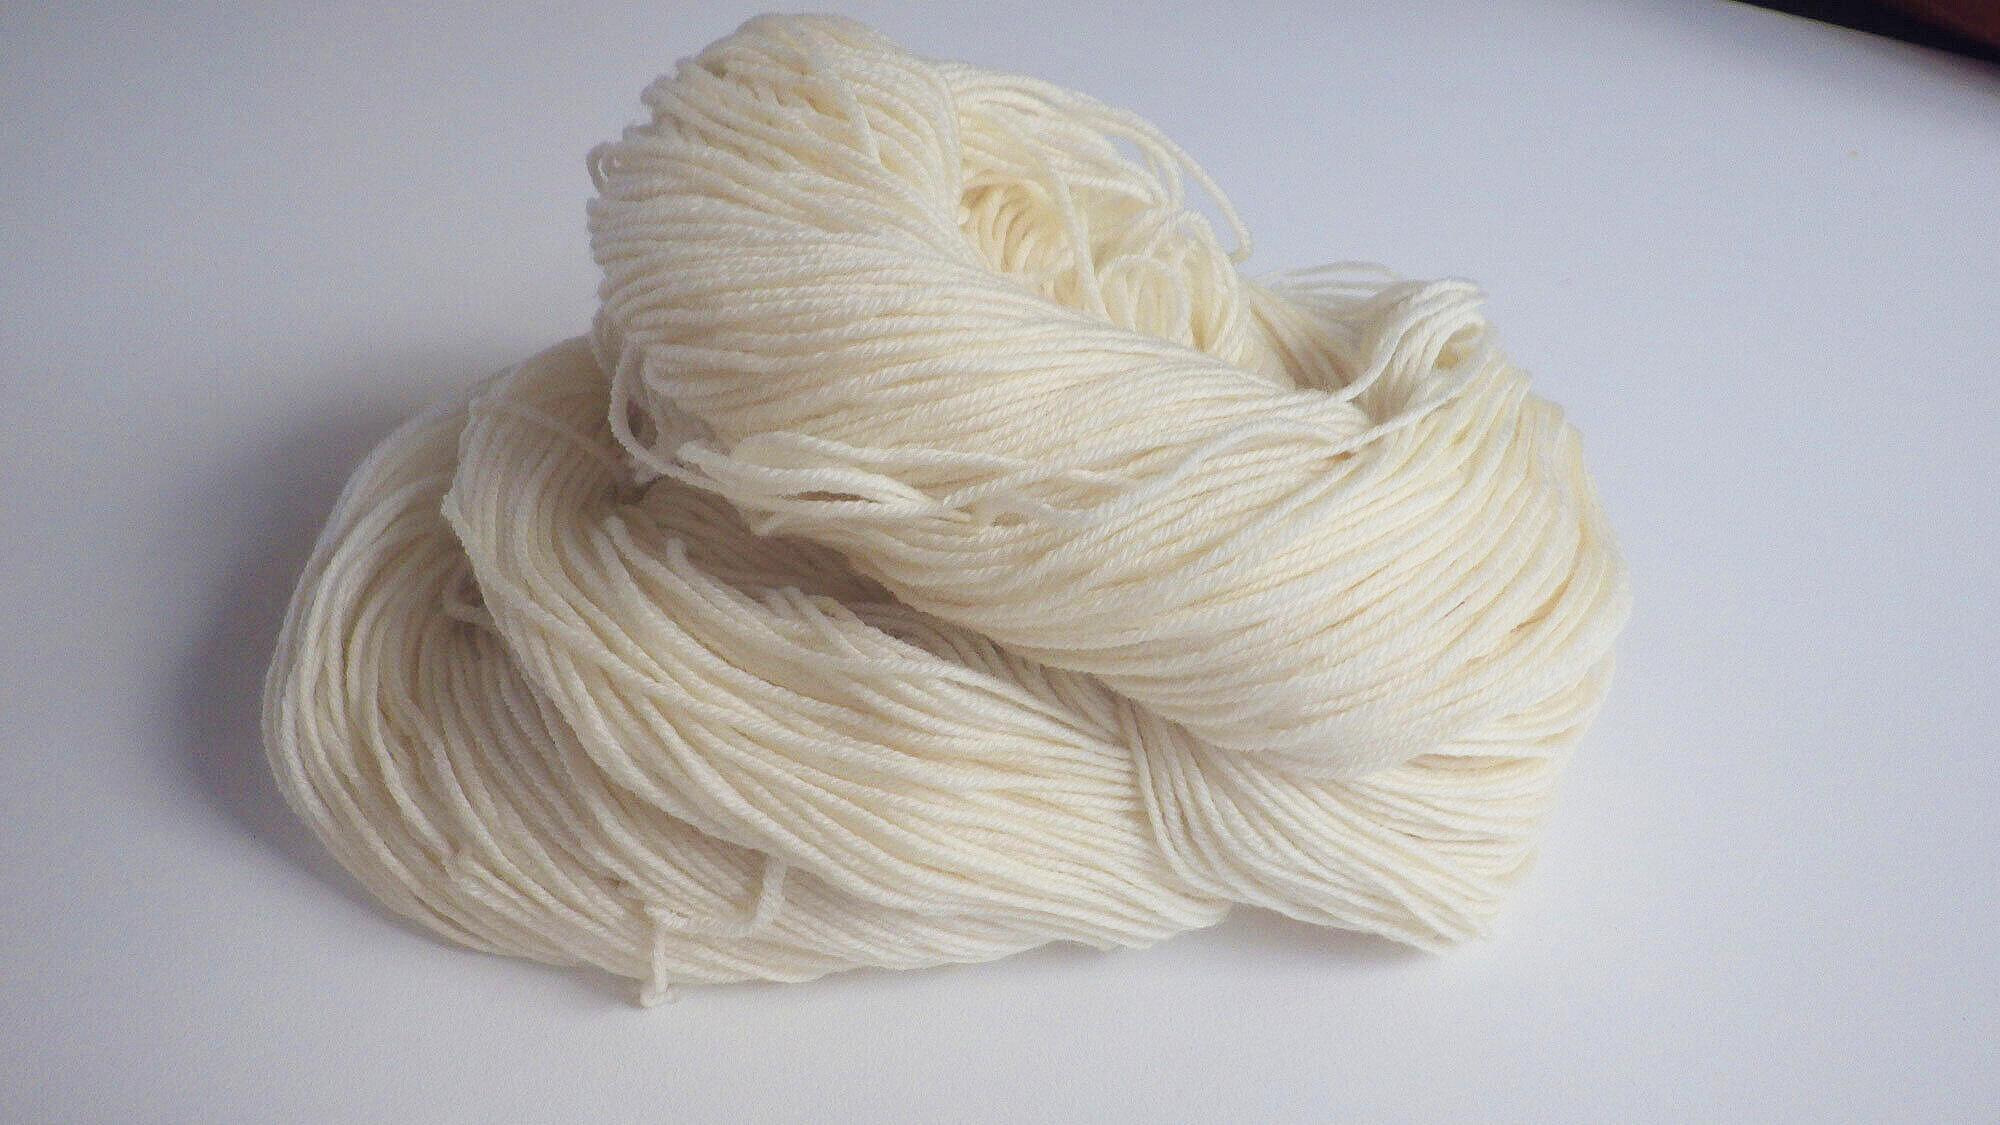 4ply - 100% Australian woolSpun in ItalyExtra fine Merino.